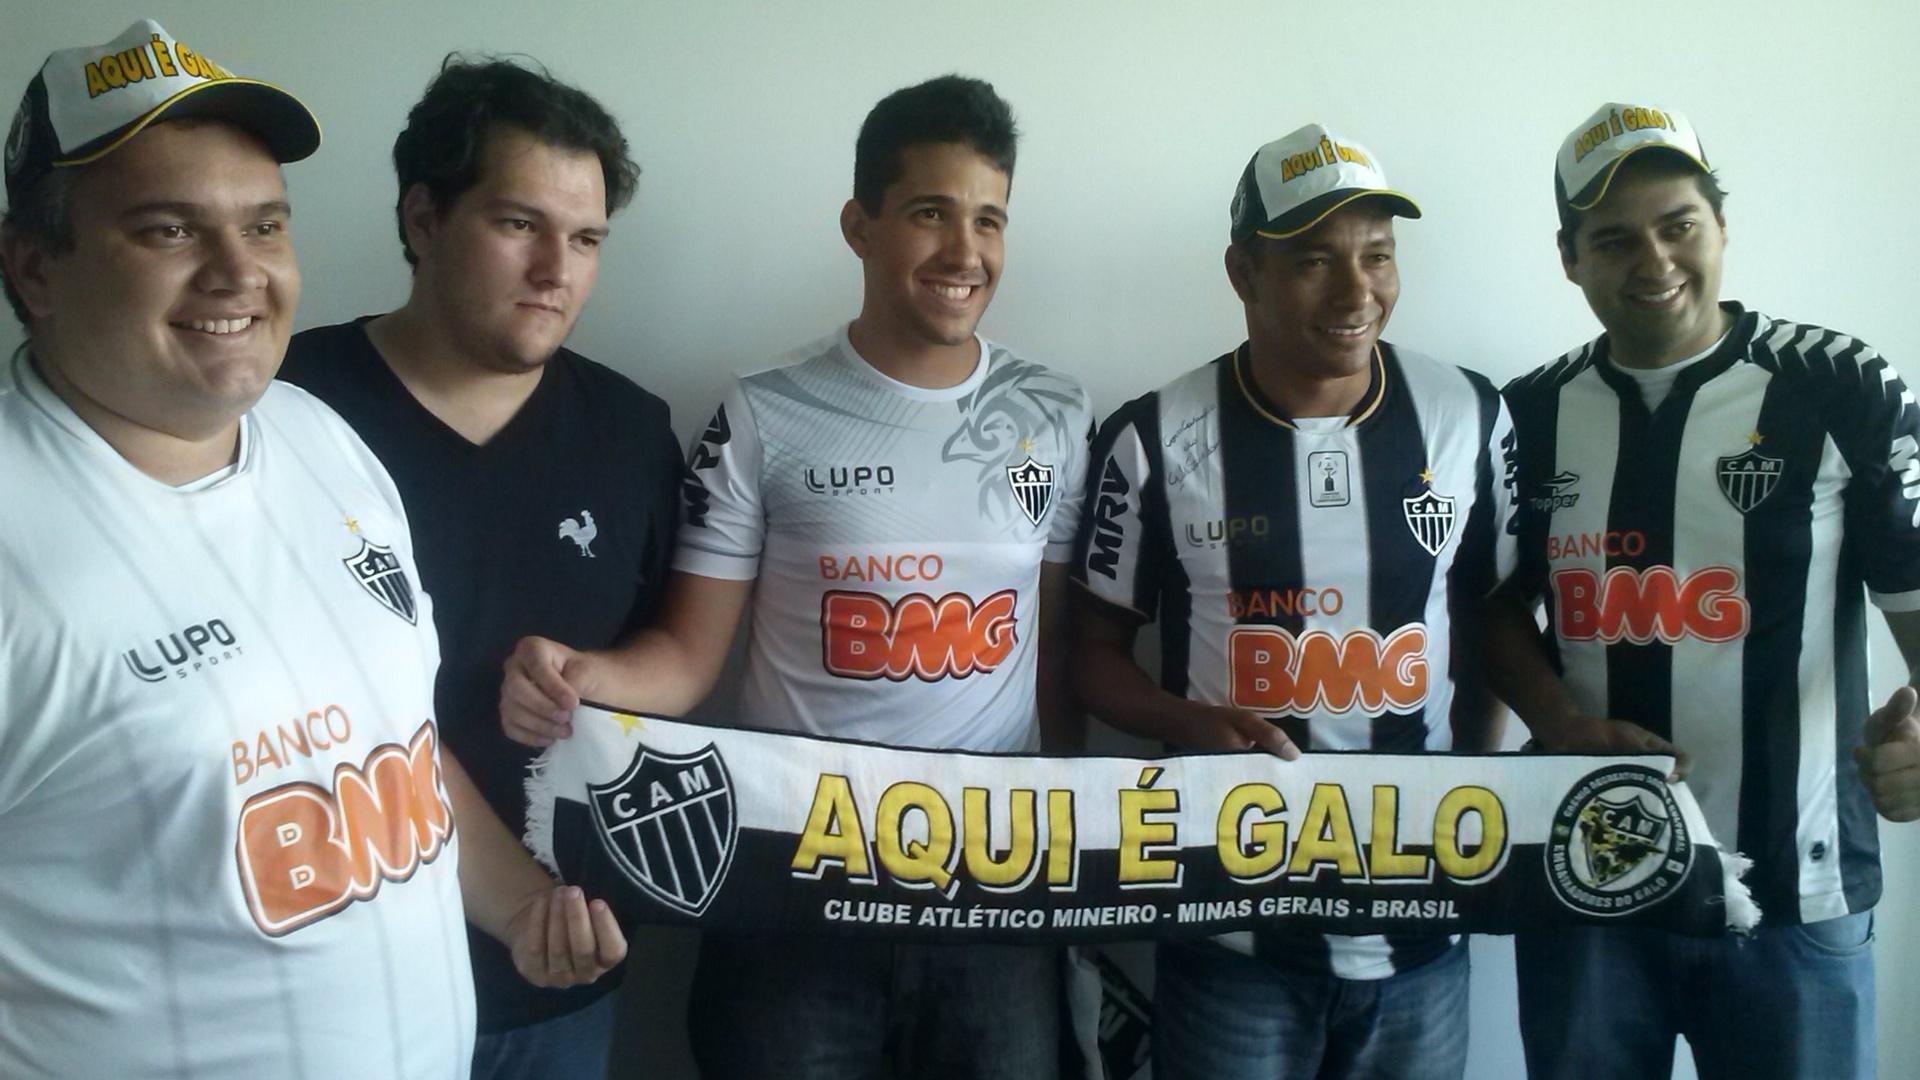 14 fev 2014 - Gilberto Silva vestiu novamente a camisa do Atlético-MG, clube que já deixou, durante homenagem feita por torcedores